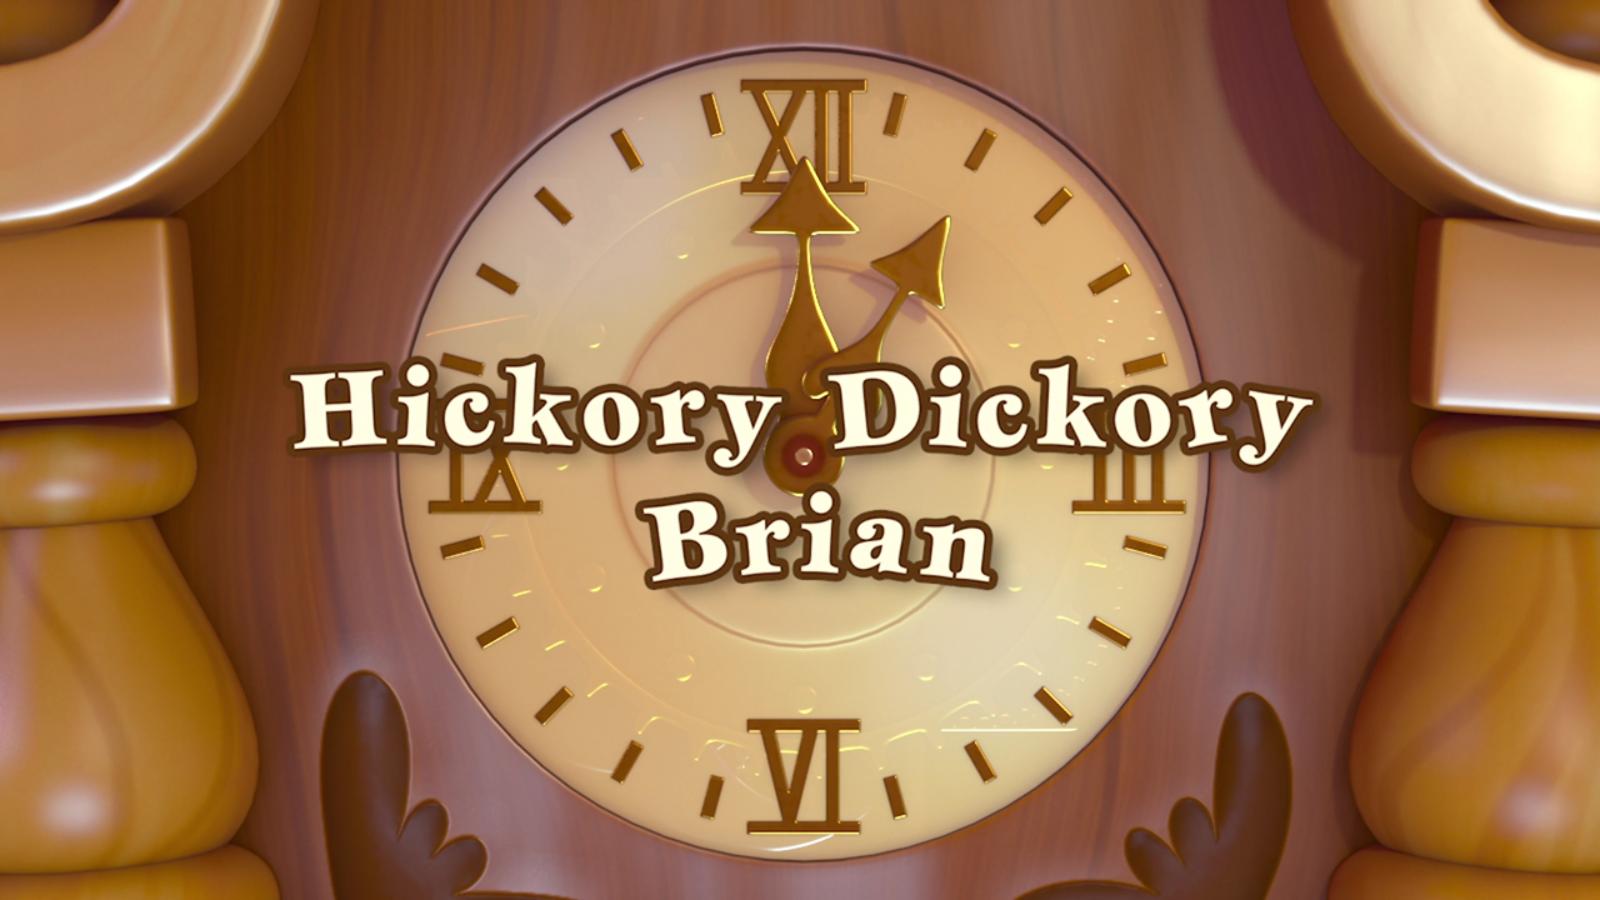 Hickory Dickory Brian